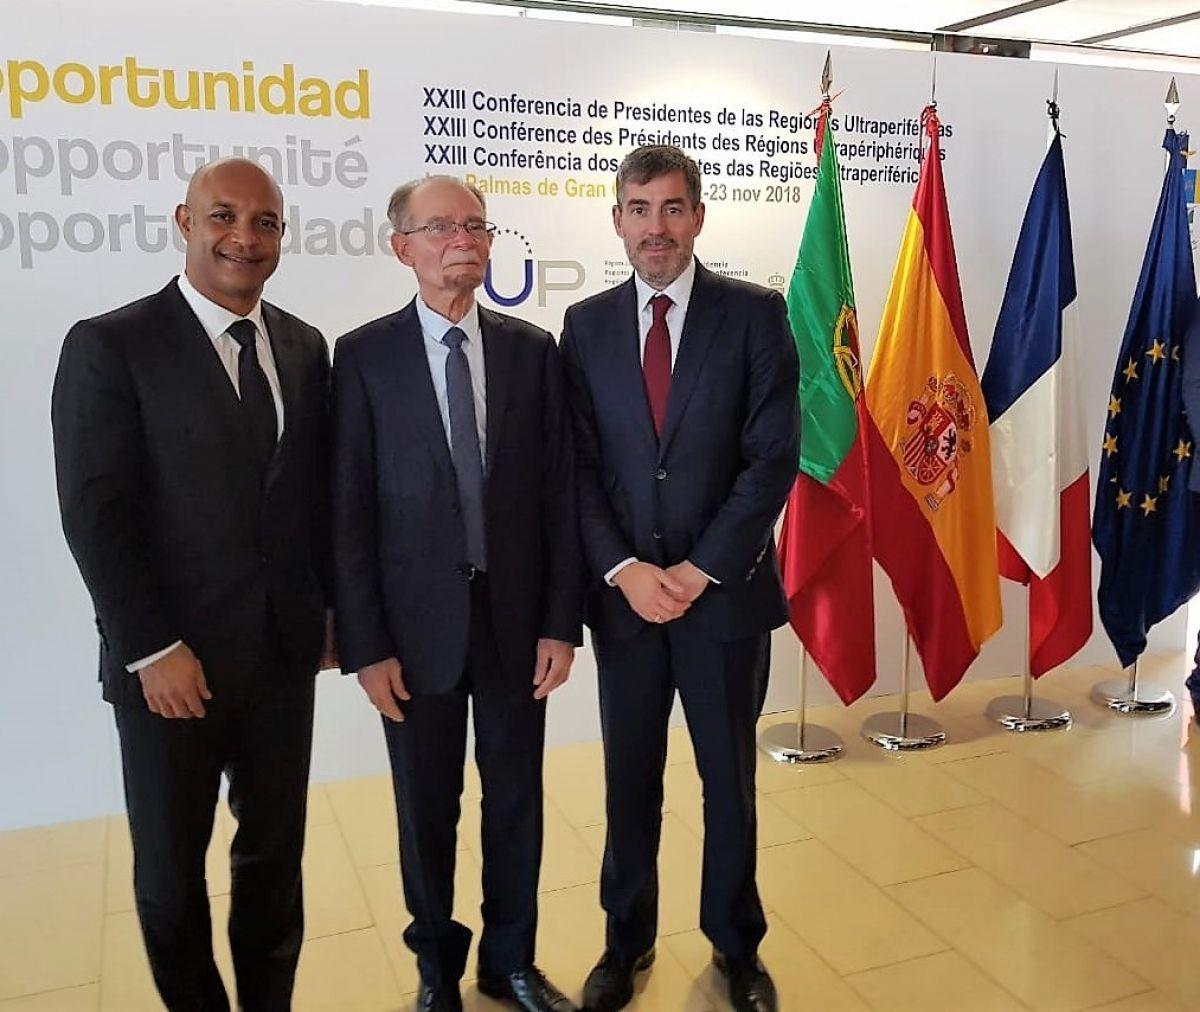 Passation de la présidence entre les îles Canaries  et Saint-Martin